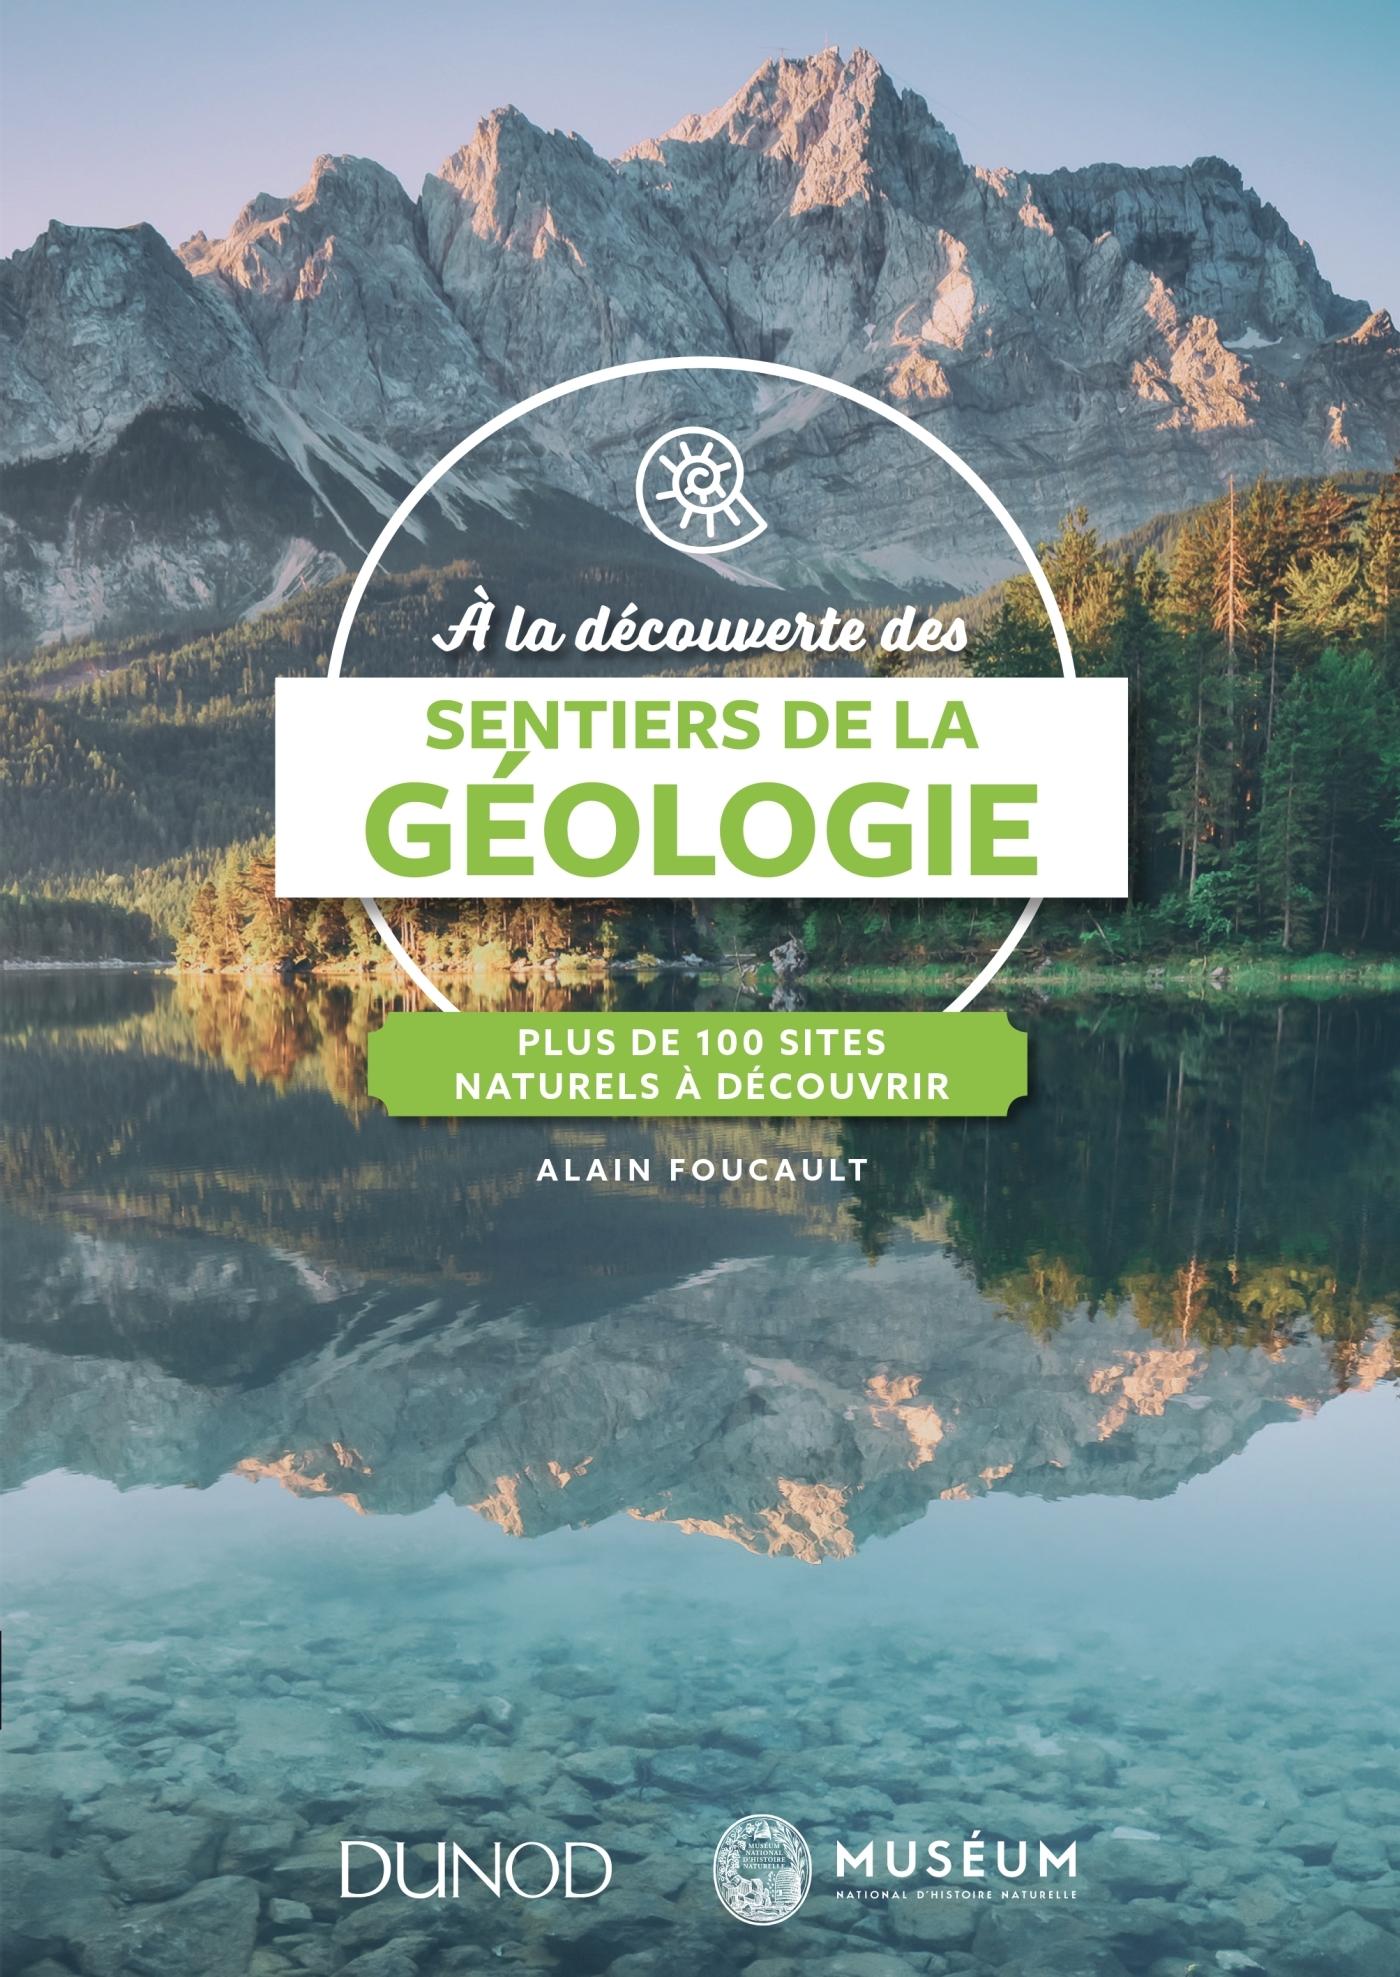 A LA DECOUVERTE DES SENTIERS DE LA GEOLOGIE - PLUS DE 100 SITES NATURELS A DECOUVRIR